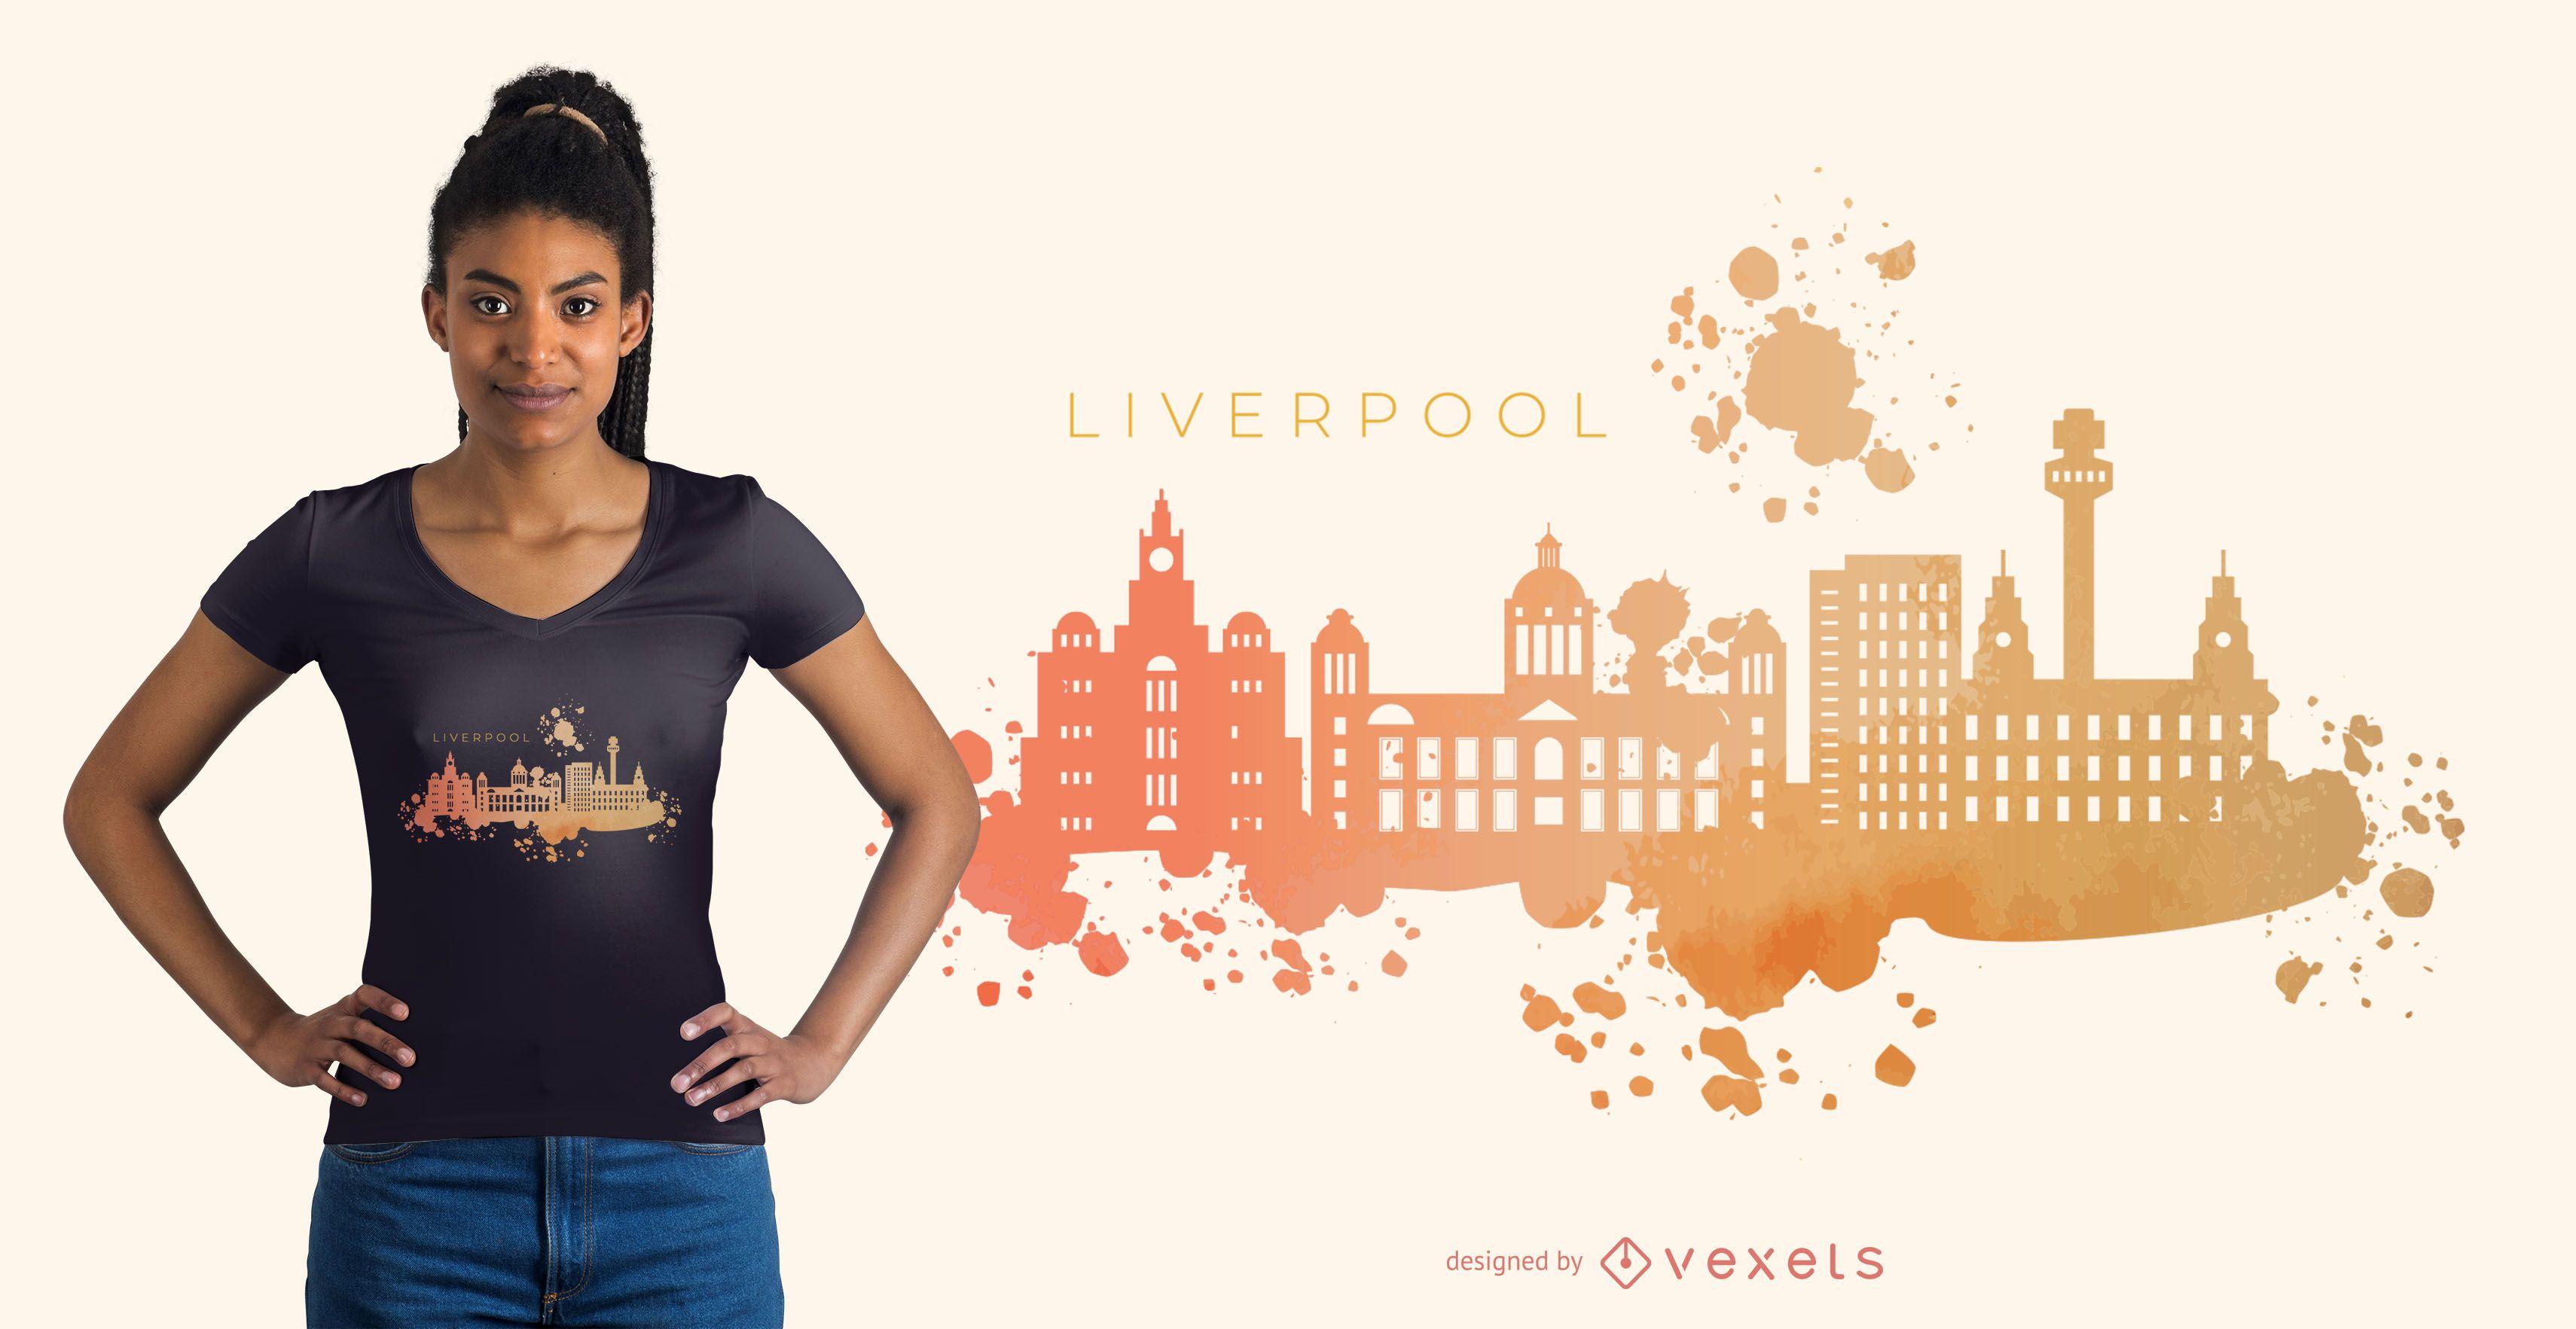 Diseño de camiseta de Liverpool en acuarela